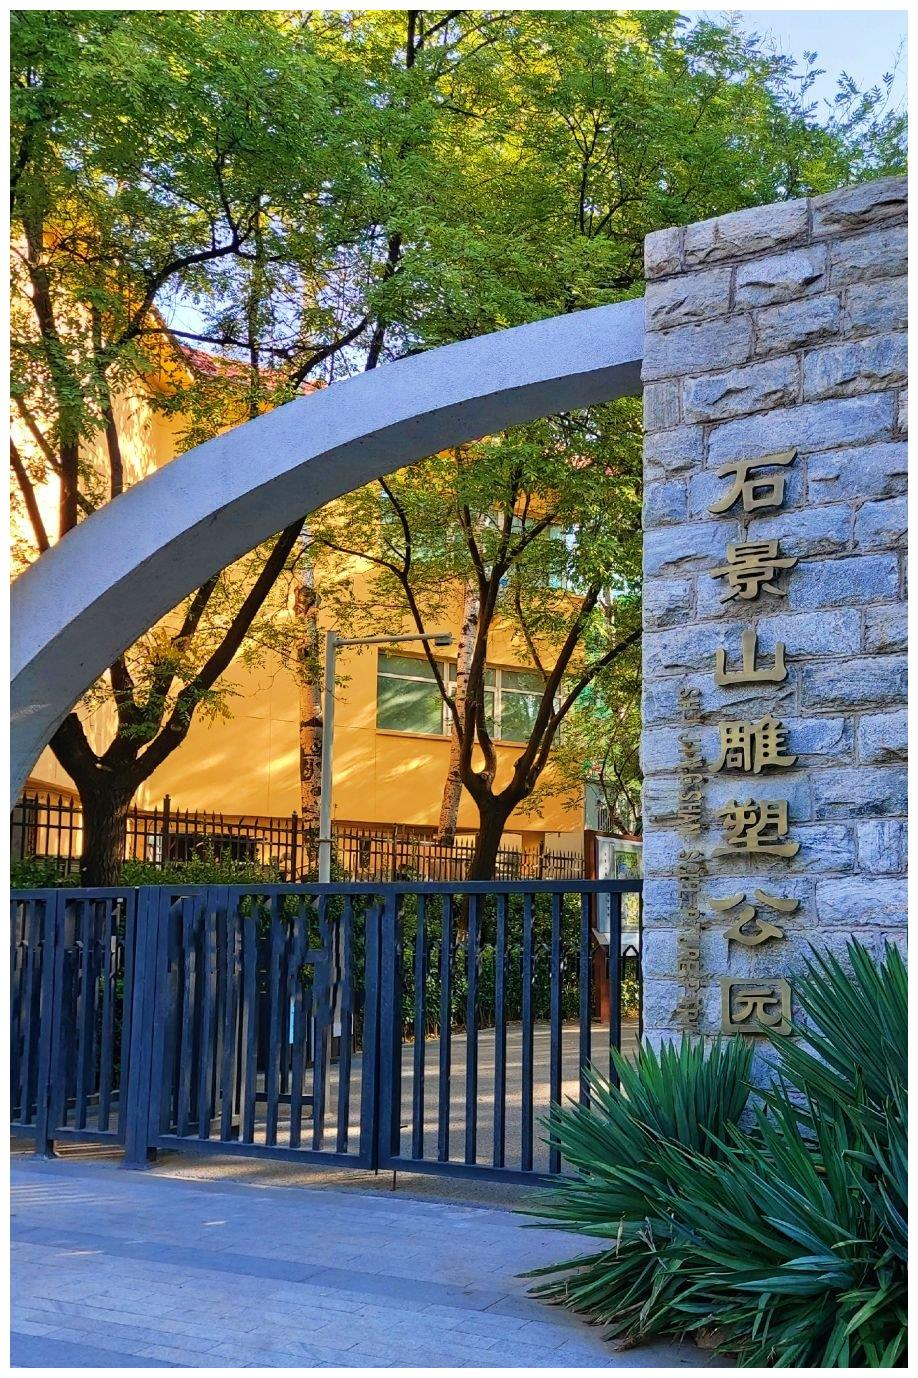 石景山雕塑公园之秋韵:惠风和畅唱晚秋,秋光明媚媚眼眸